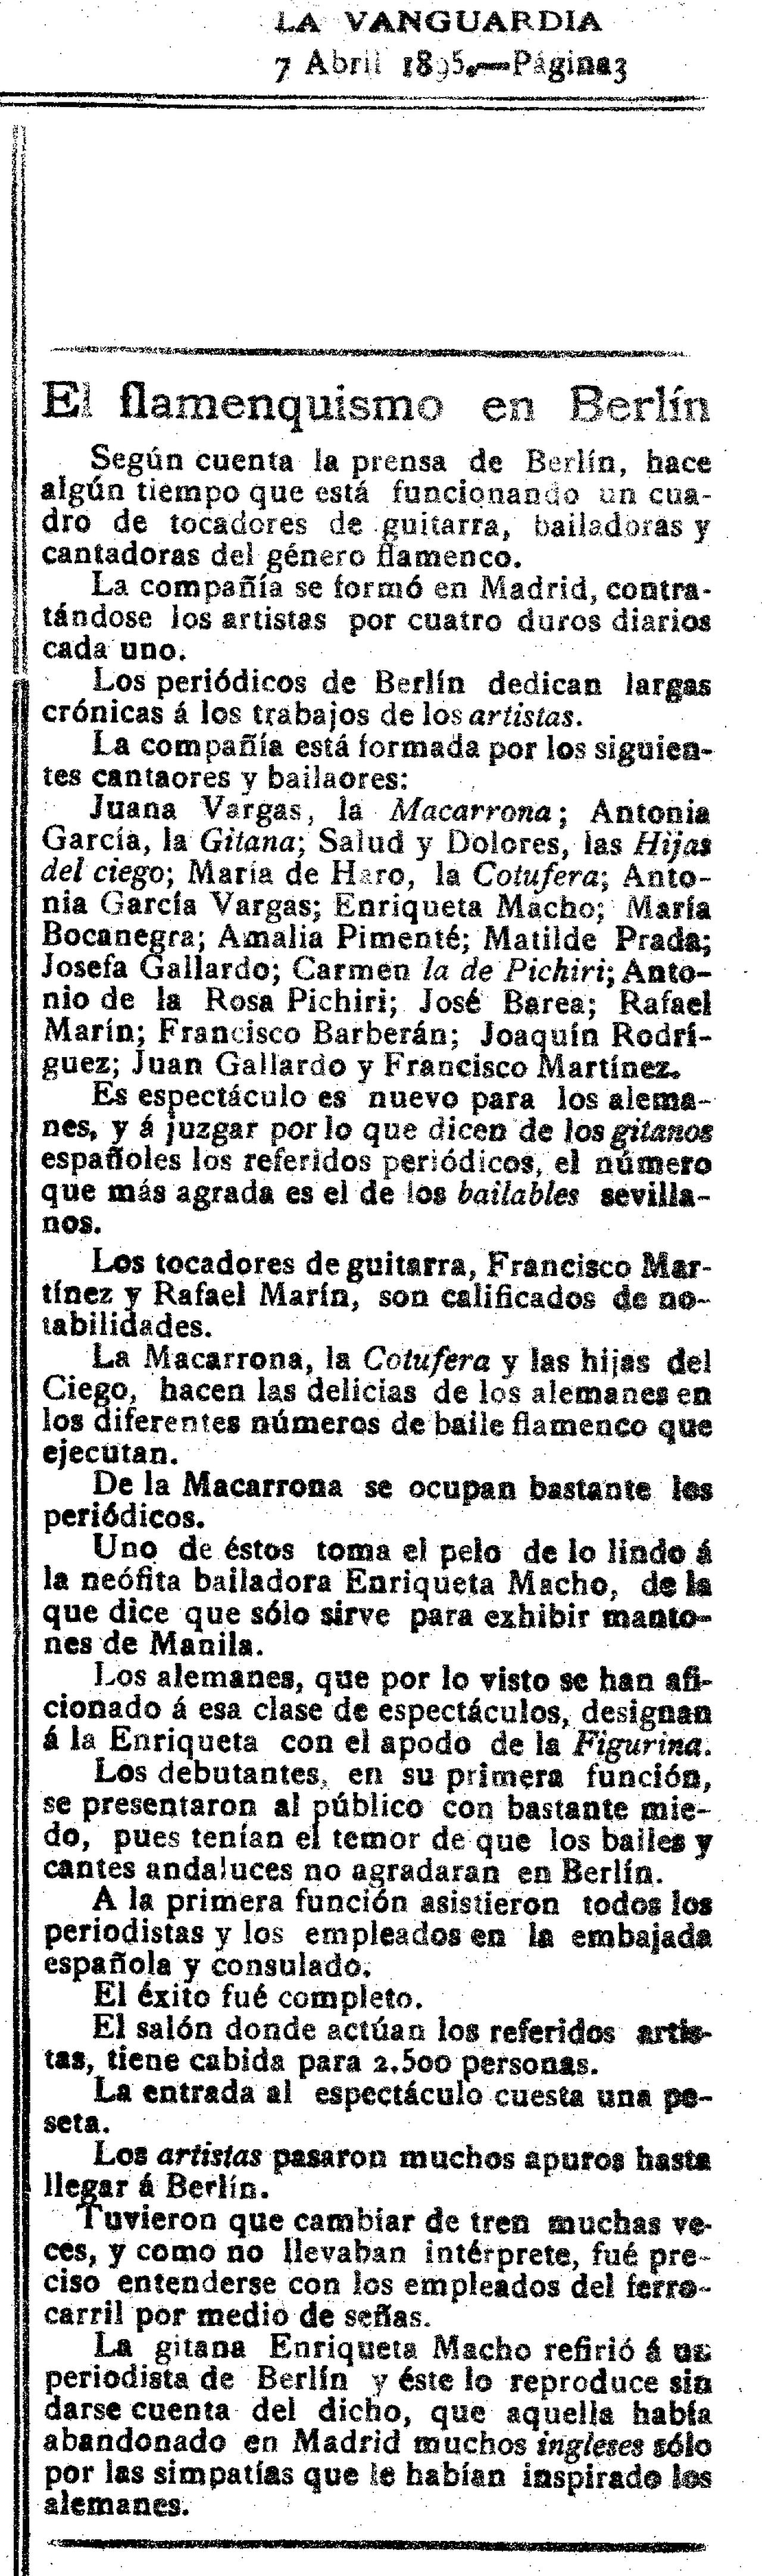 La Vanguardia  (7 de abril de 1895)